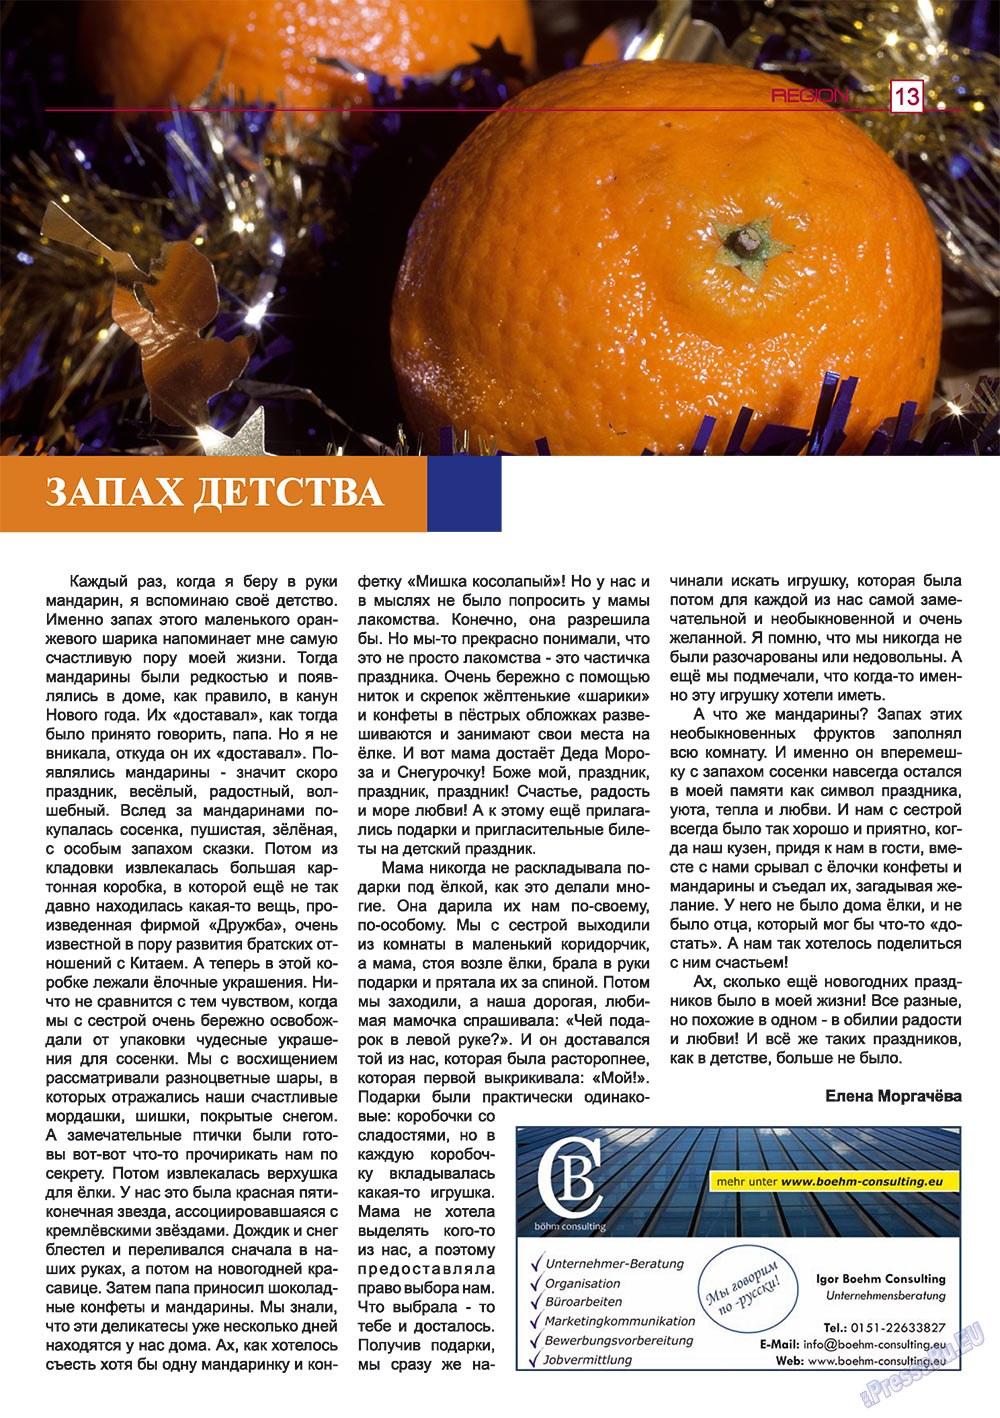 Регион (журнал). 2009 год, номер 6, стр. 13